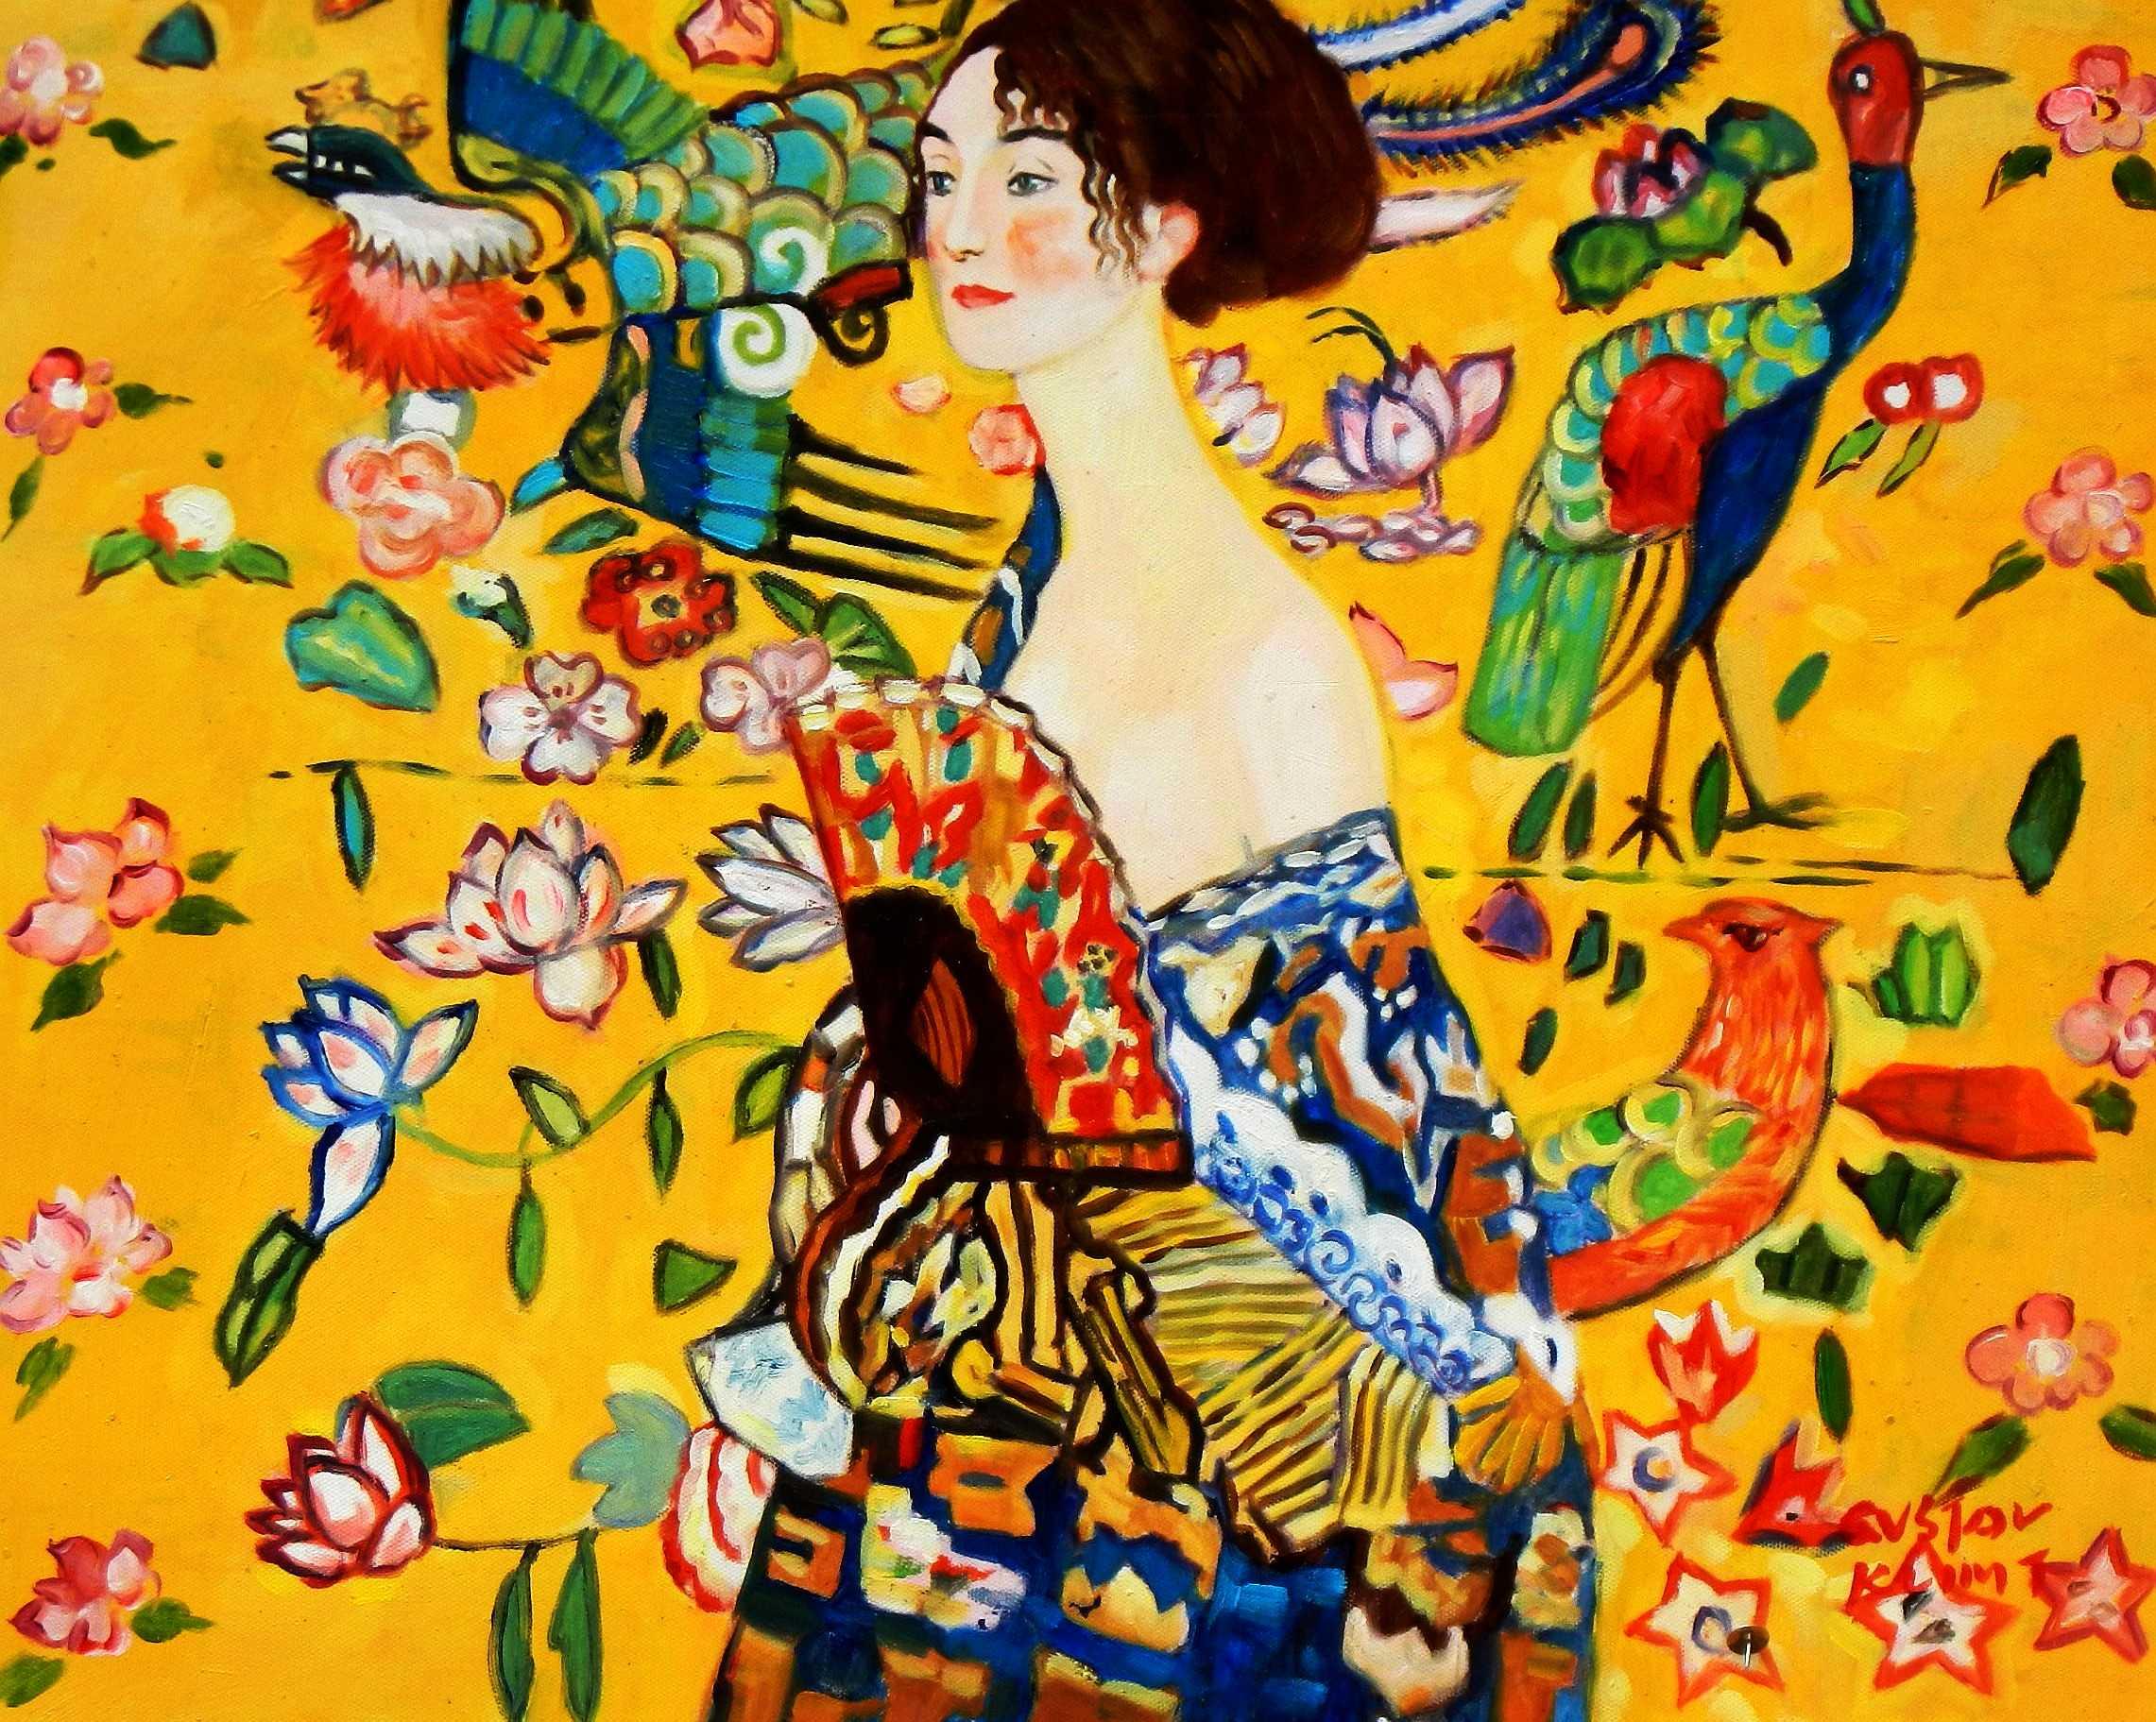 Gustav Klimt - Frau mit Fächer b95089 40x50cm Jugendstil Ölgemälde handgemalt